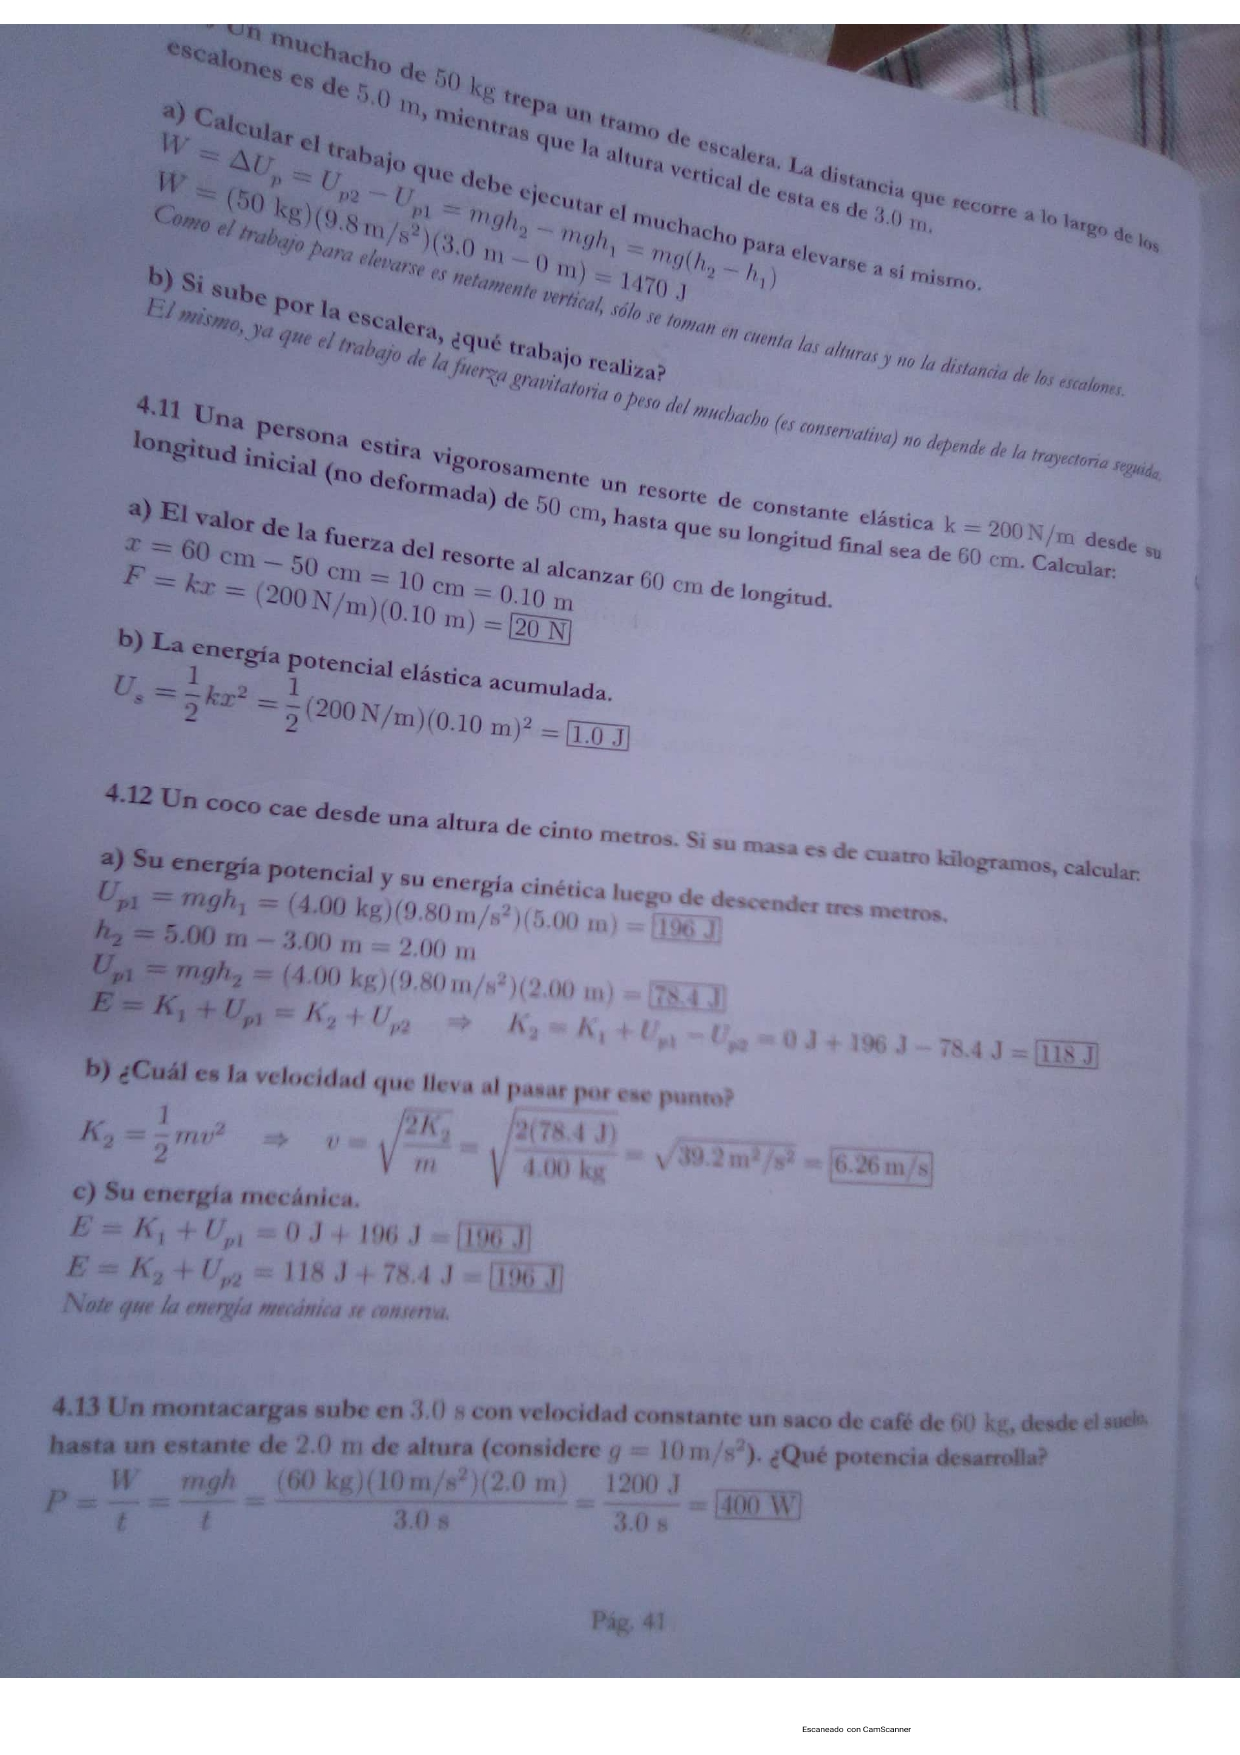 cuaderno-de-trabajo-f-sica-b-sica-page-0040